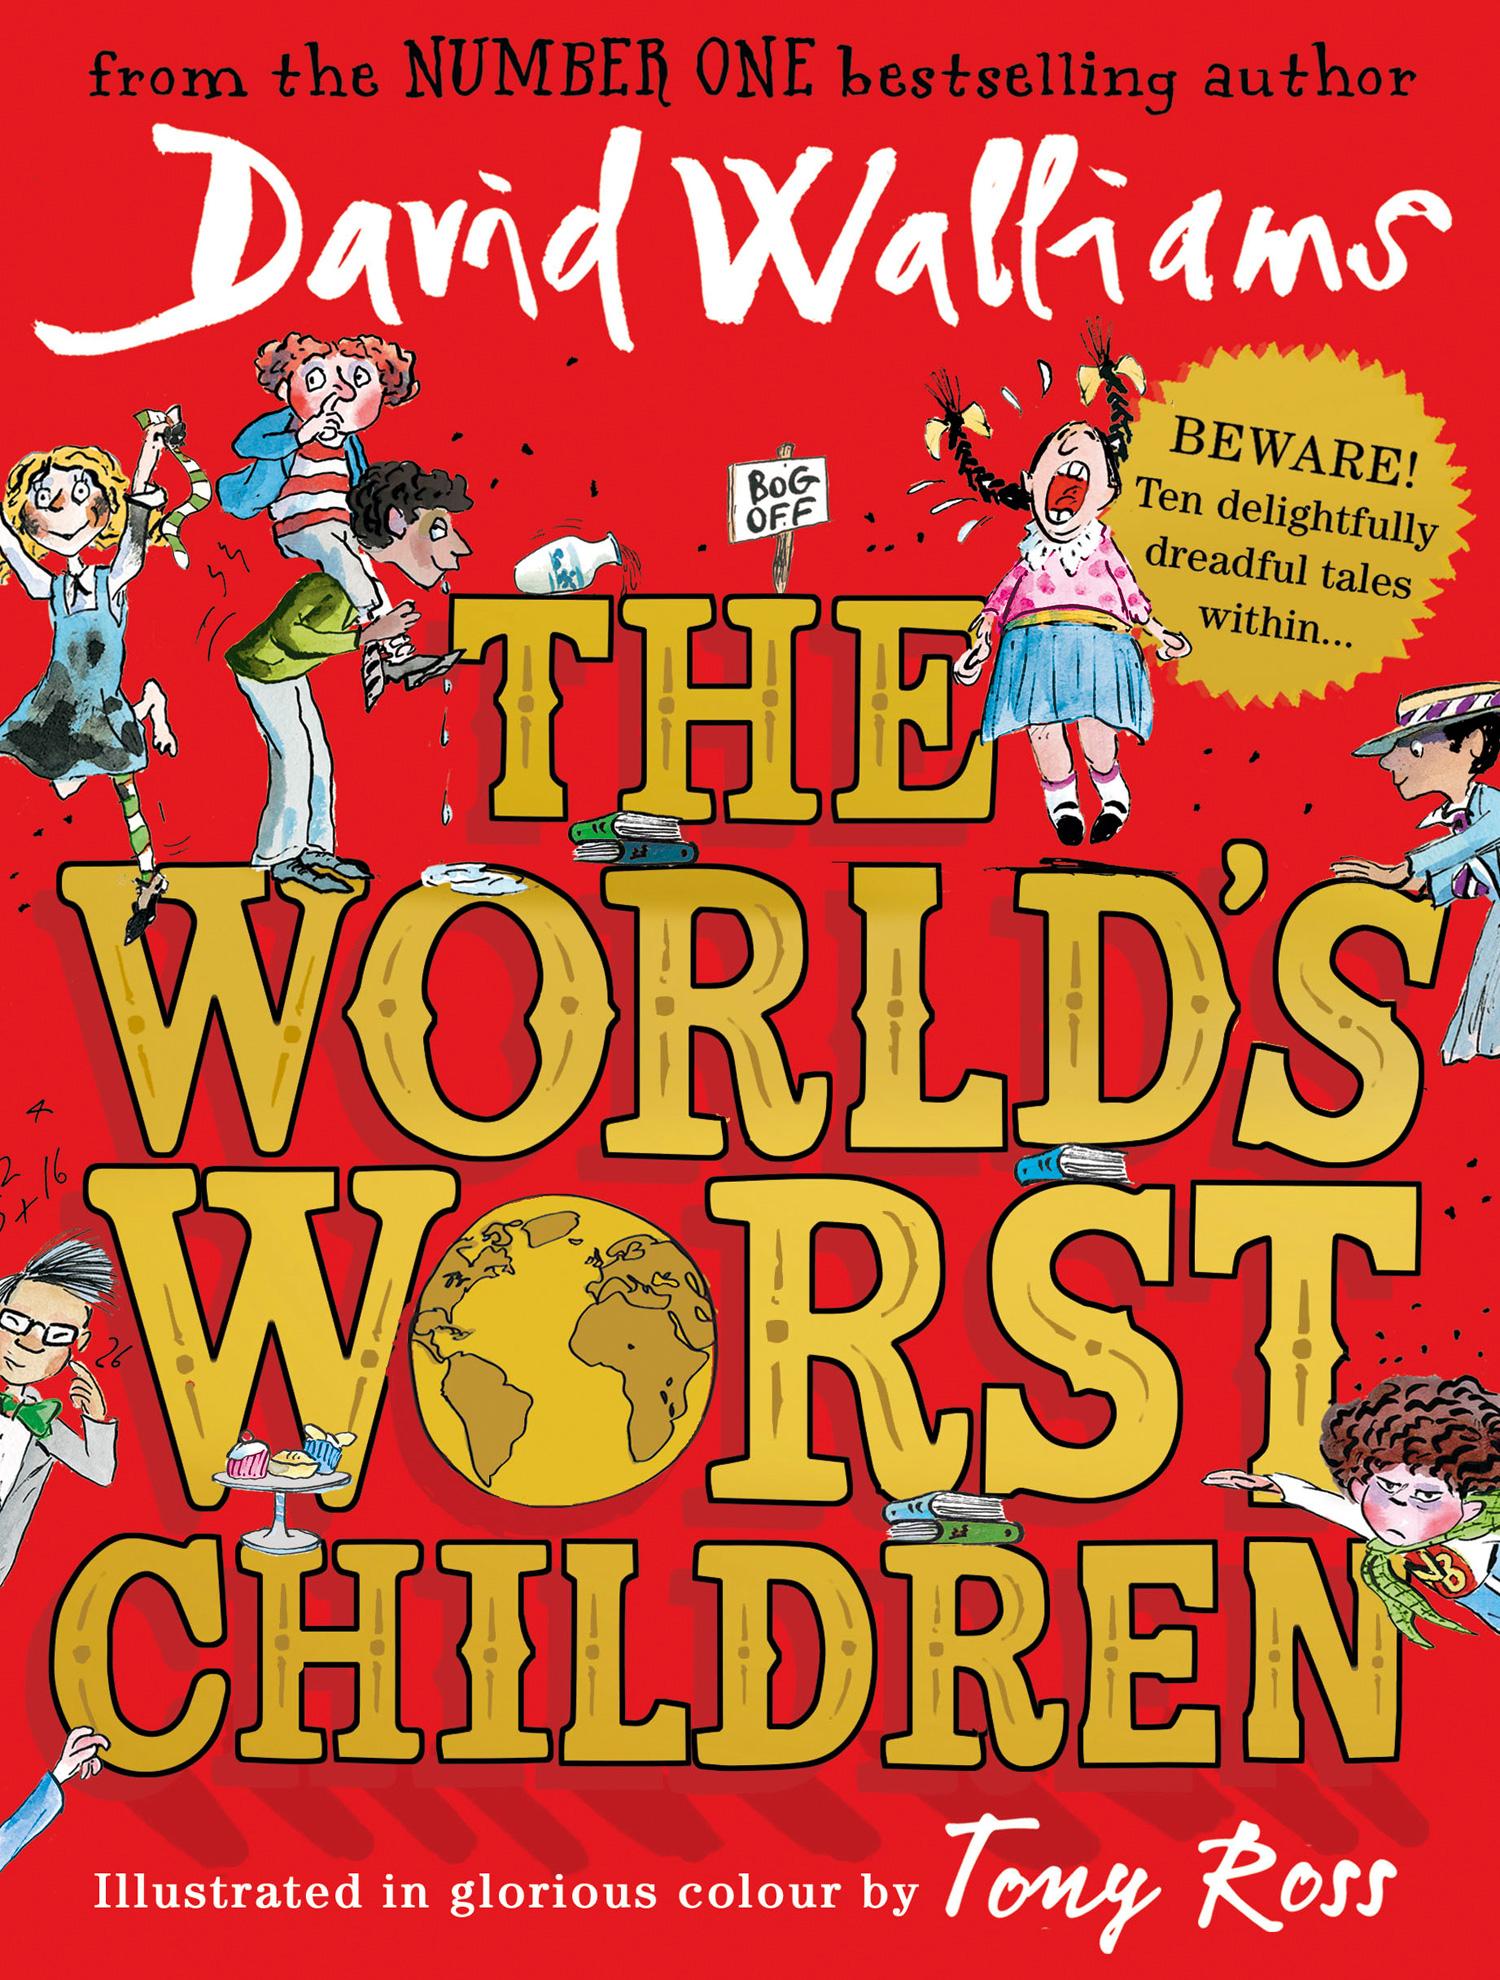 World's Worst Children by David Walliams